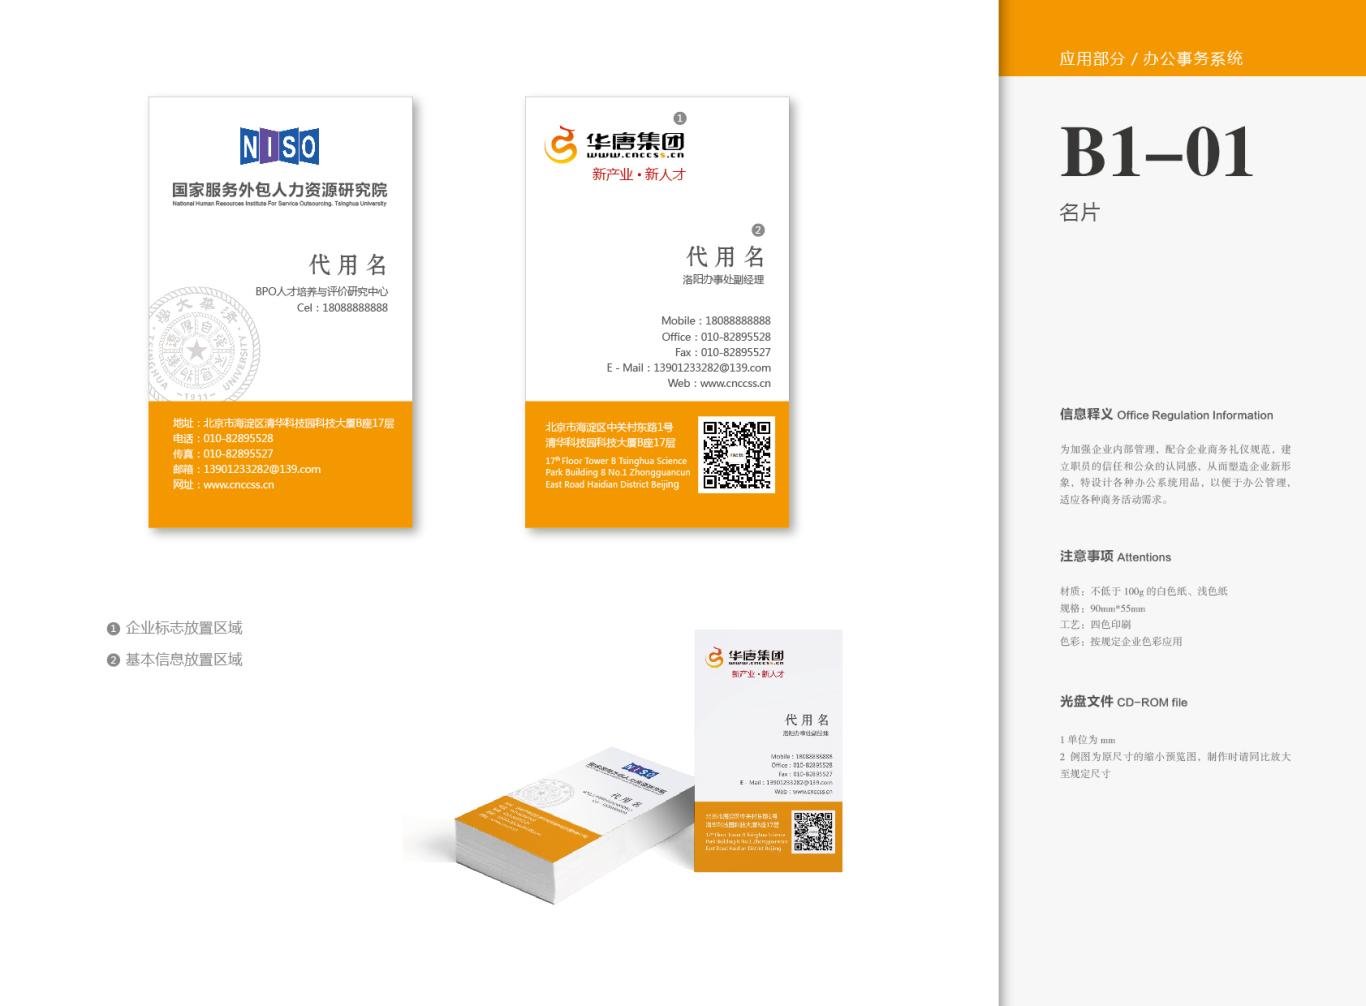 华唐教育集团 VI图56